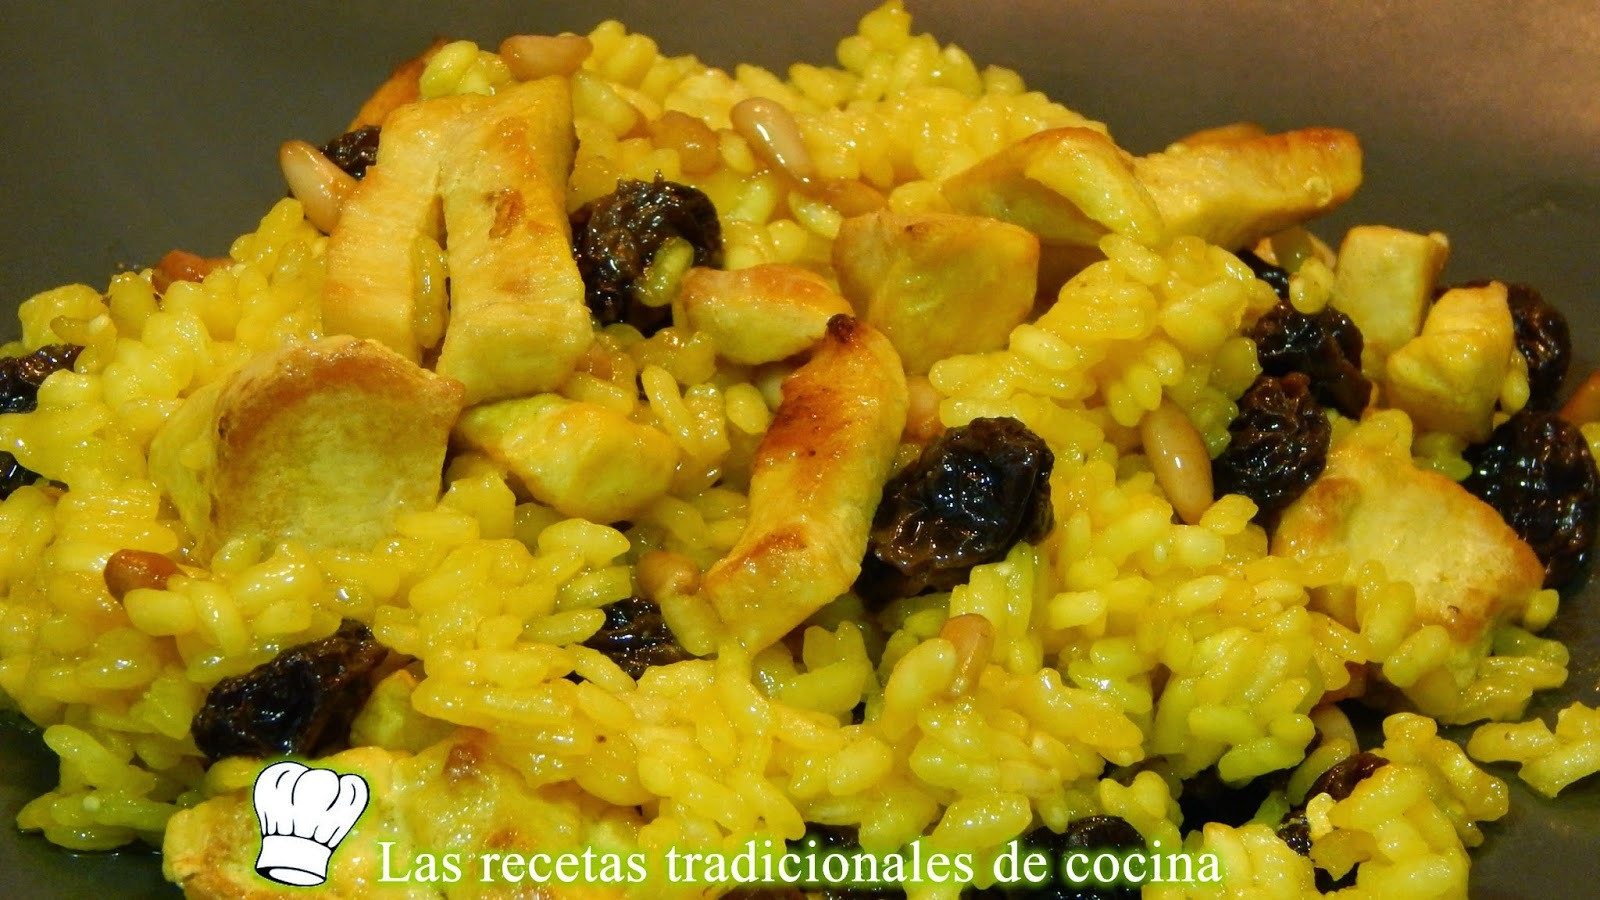 Receta de arroz al horno con pollo, pasas y piñones